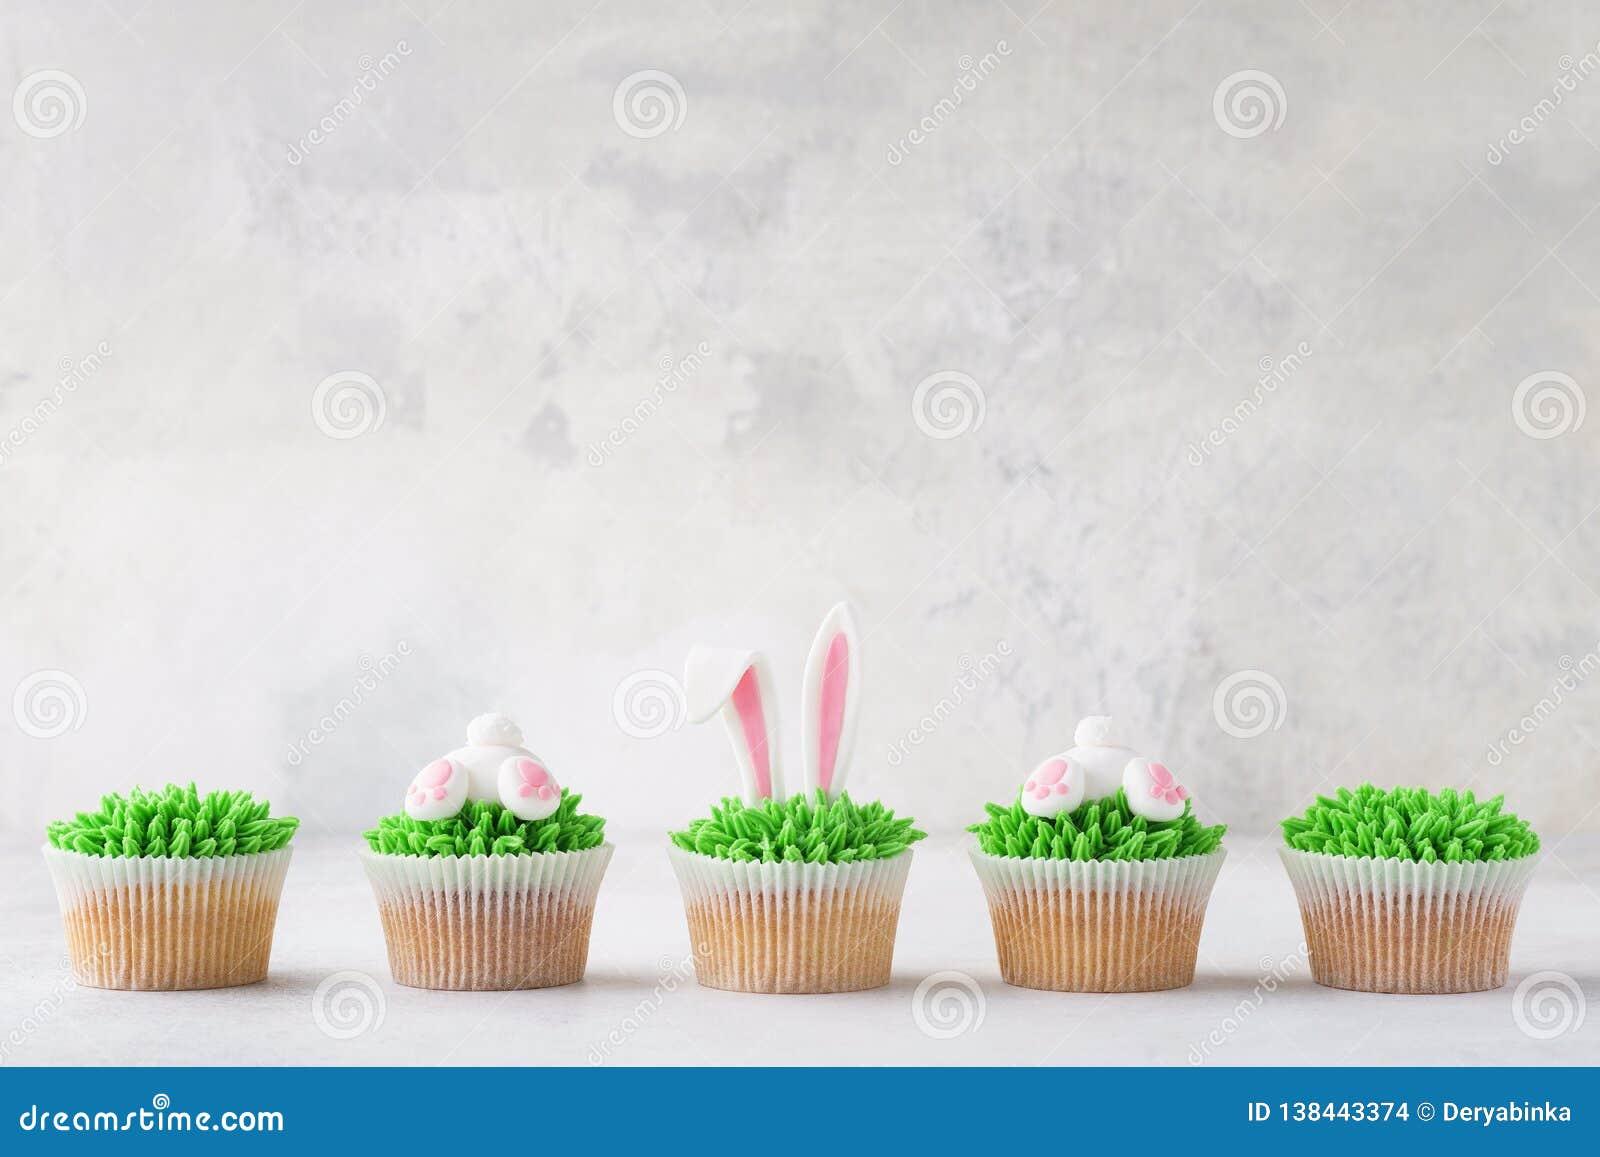 Πάσχα cupcakes σε μια σειρά Διακοσμημένος ως άκρη και αυτιά λαγουδάκι